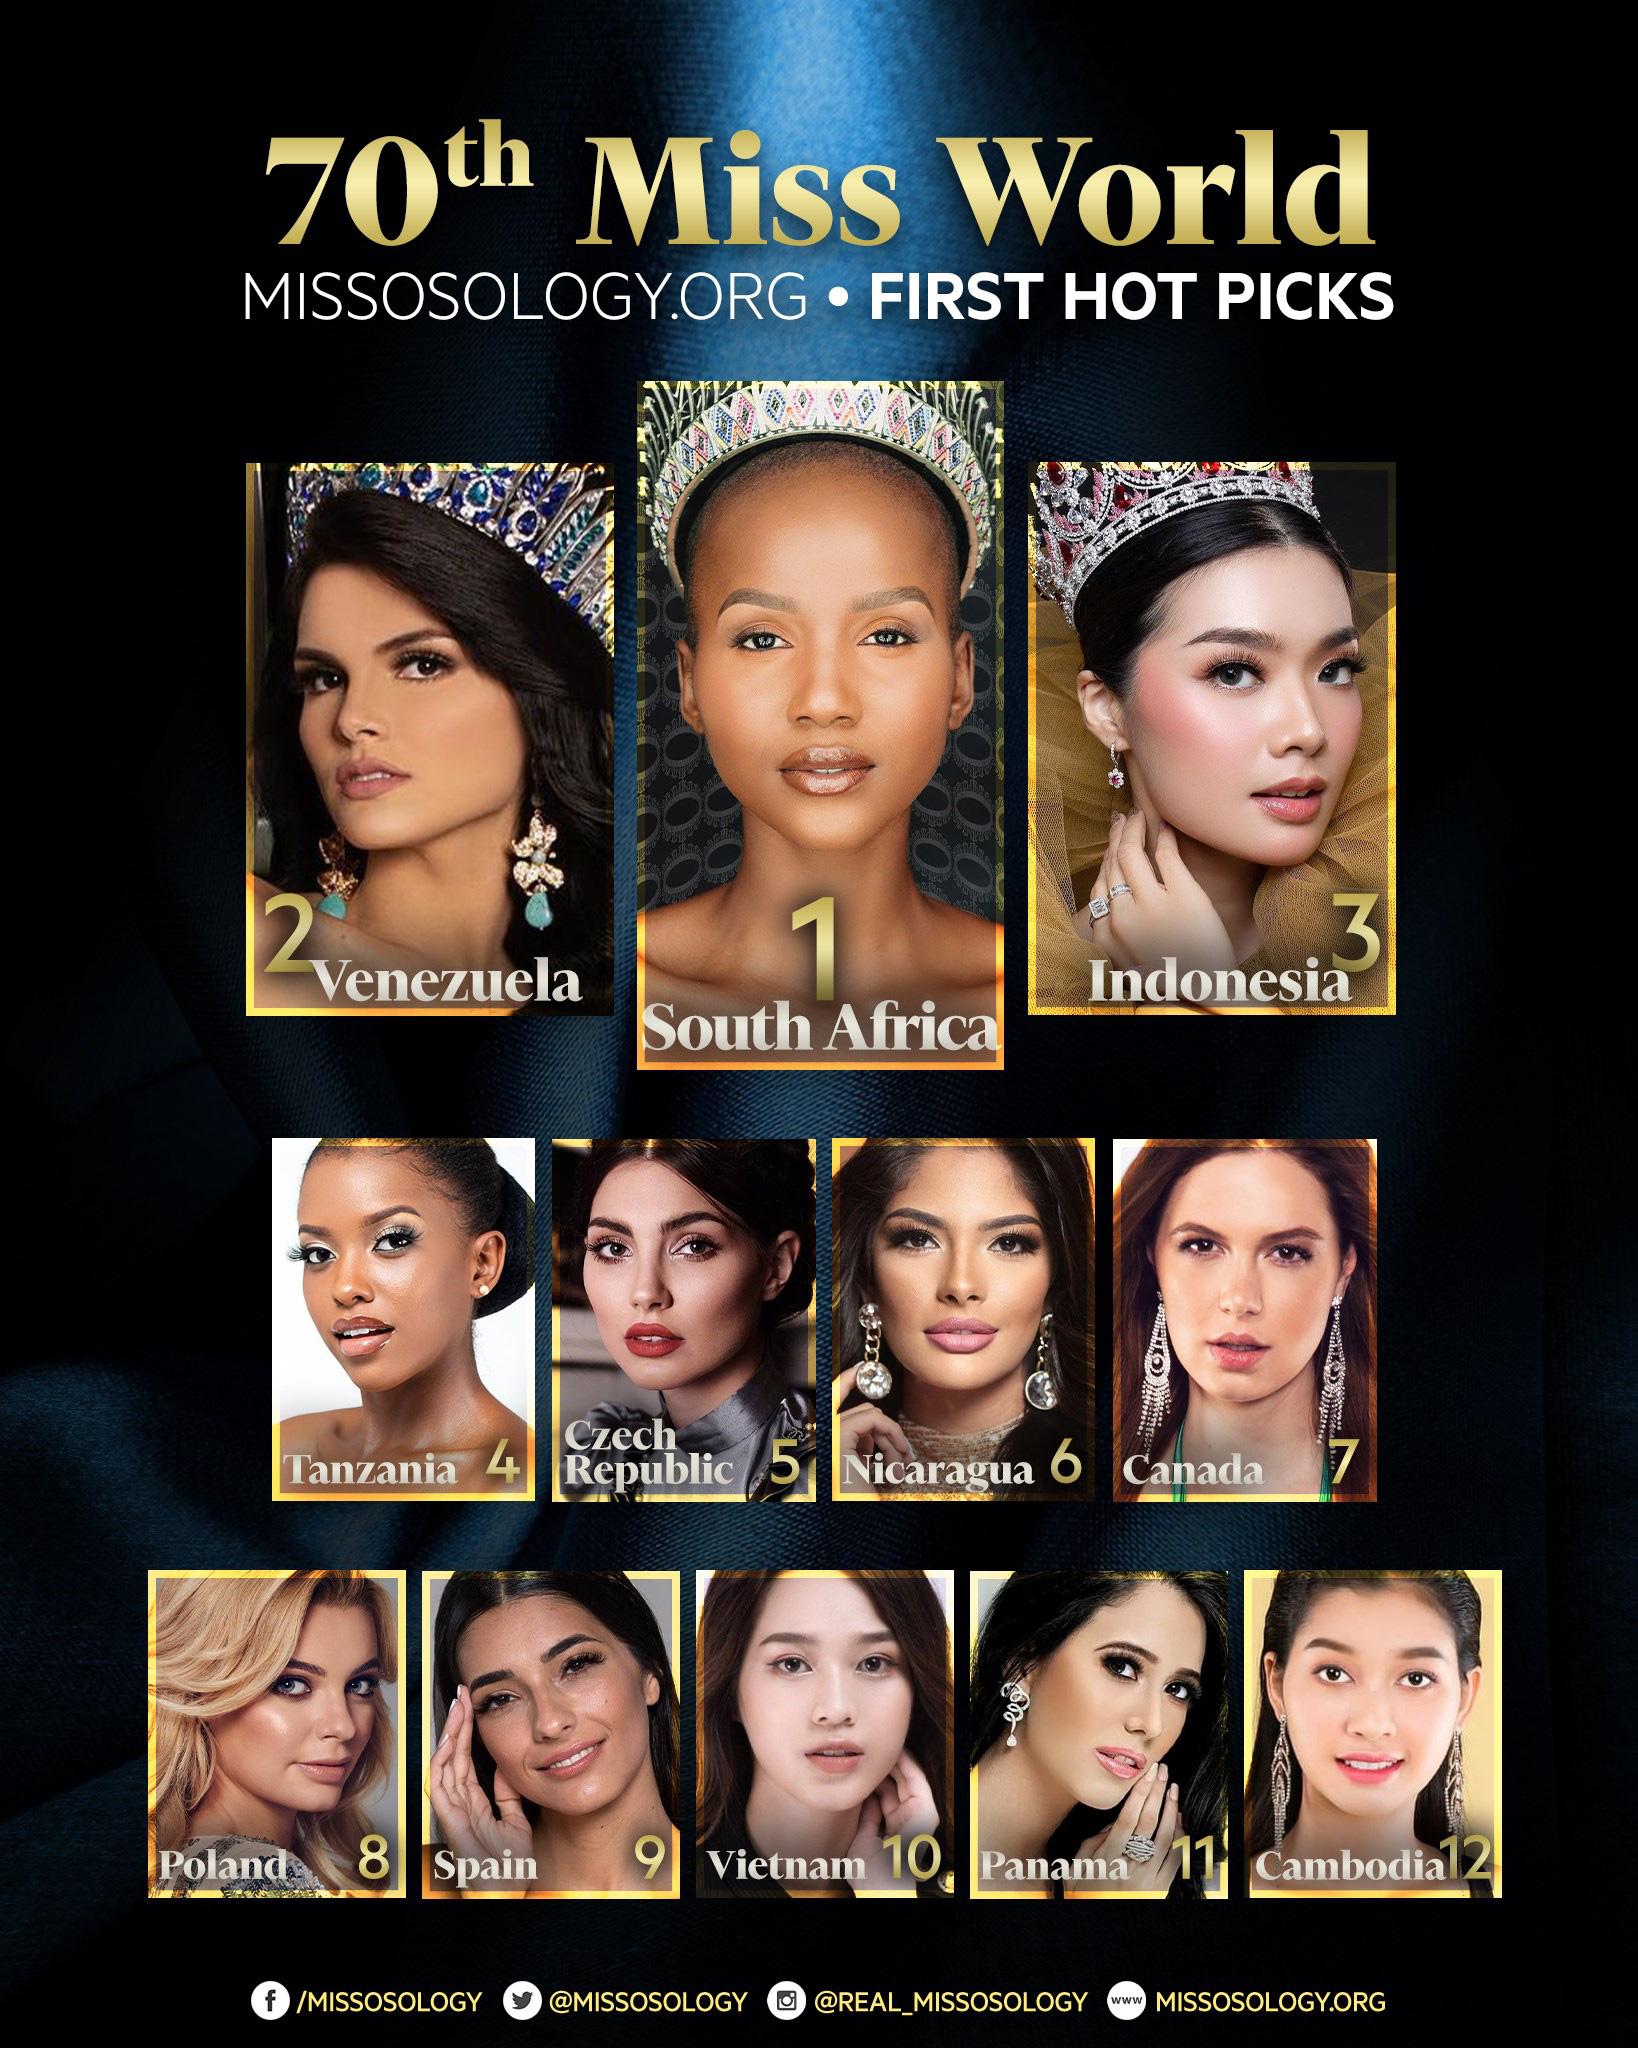 Đỗ Thị Hà bất ngờ được dự đoán lọt Top 10 Miss World 2021 - Ảnh 1.